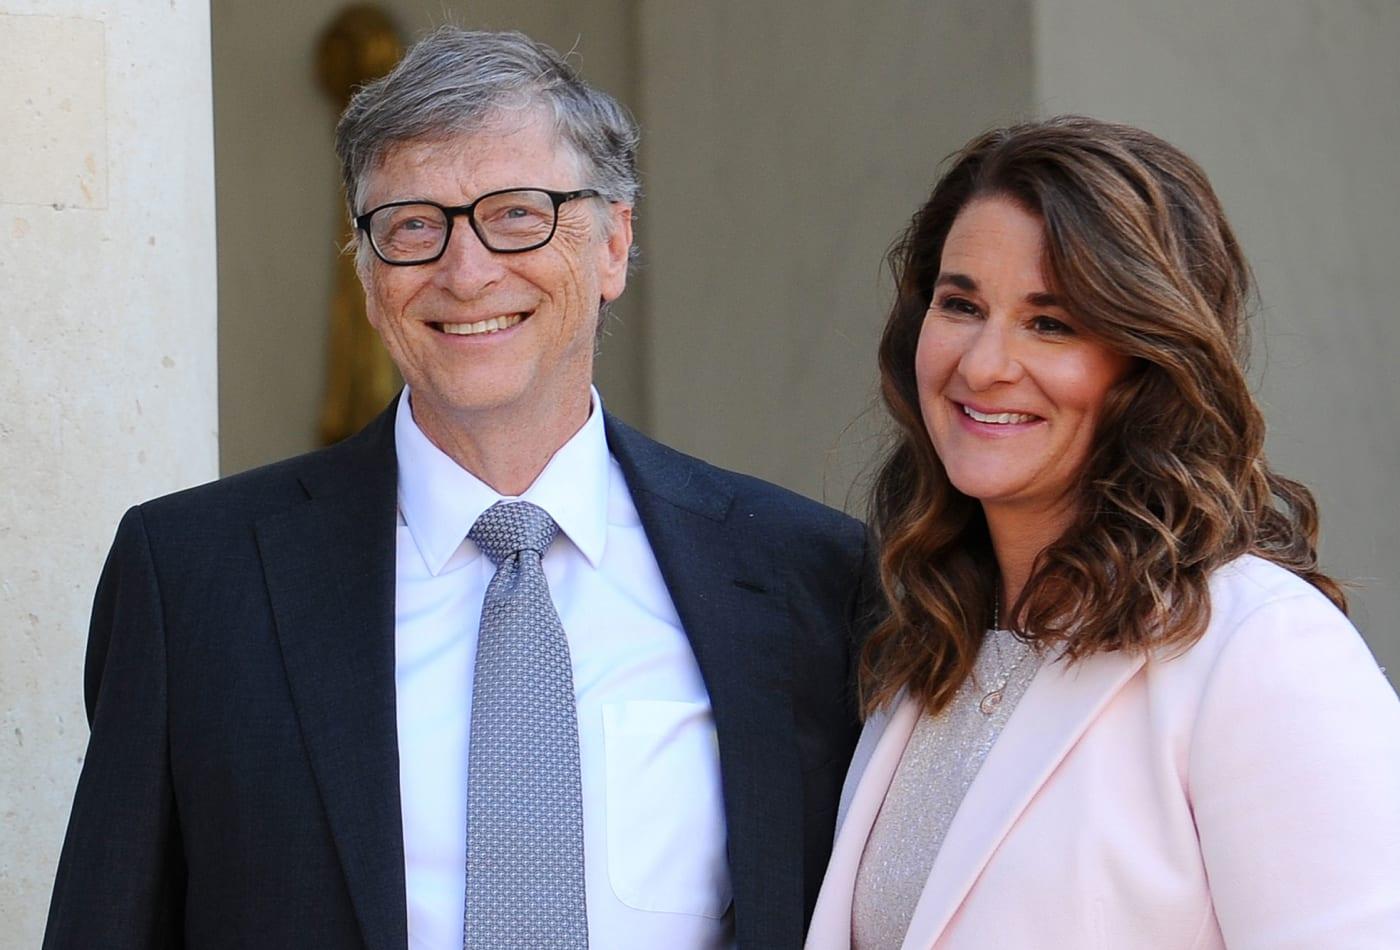 Bill y Melinda Gates donan 100 millones de dólares para la lucha contra el  #coronavirus | HCH.TV